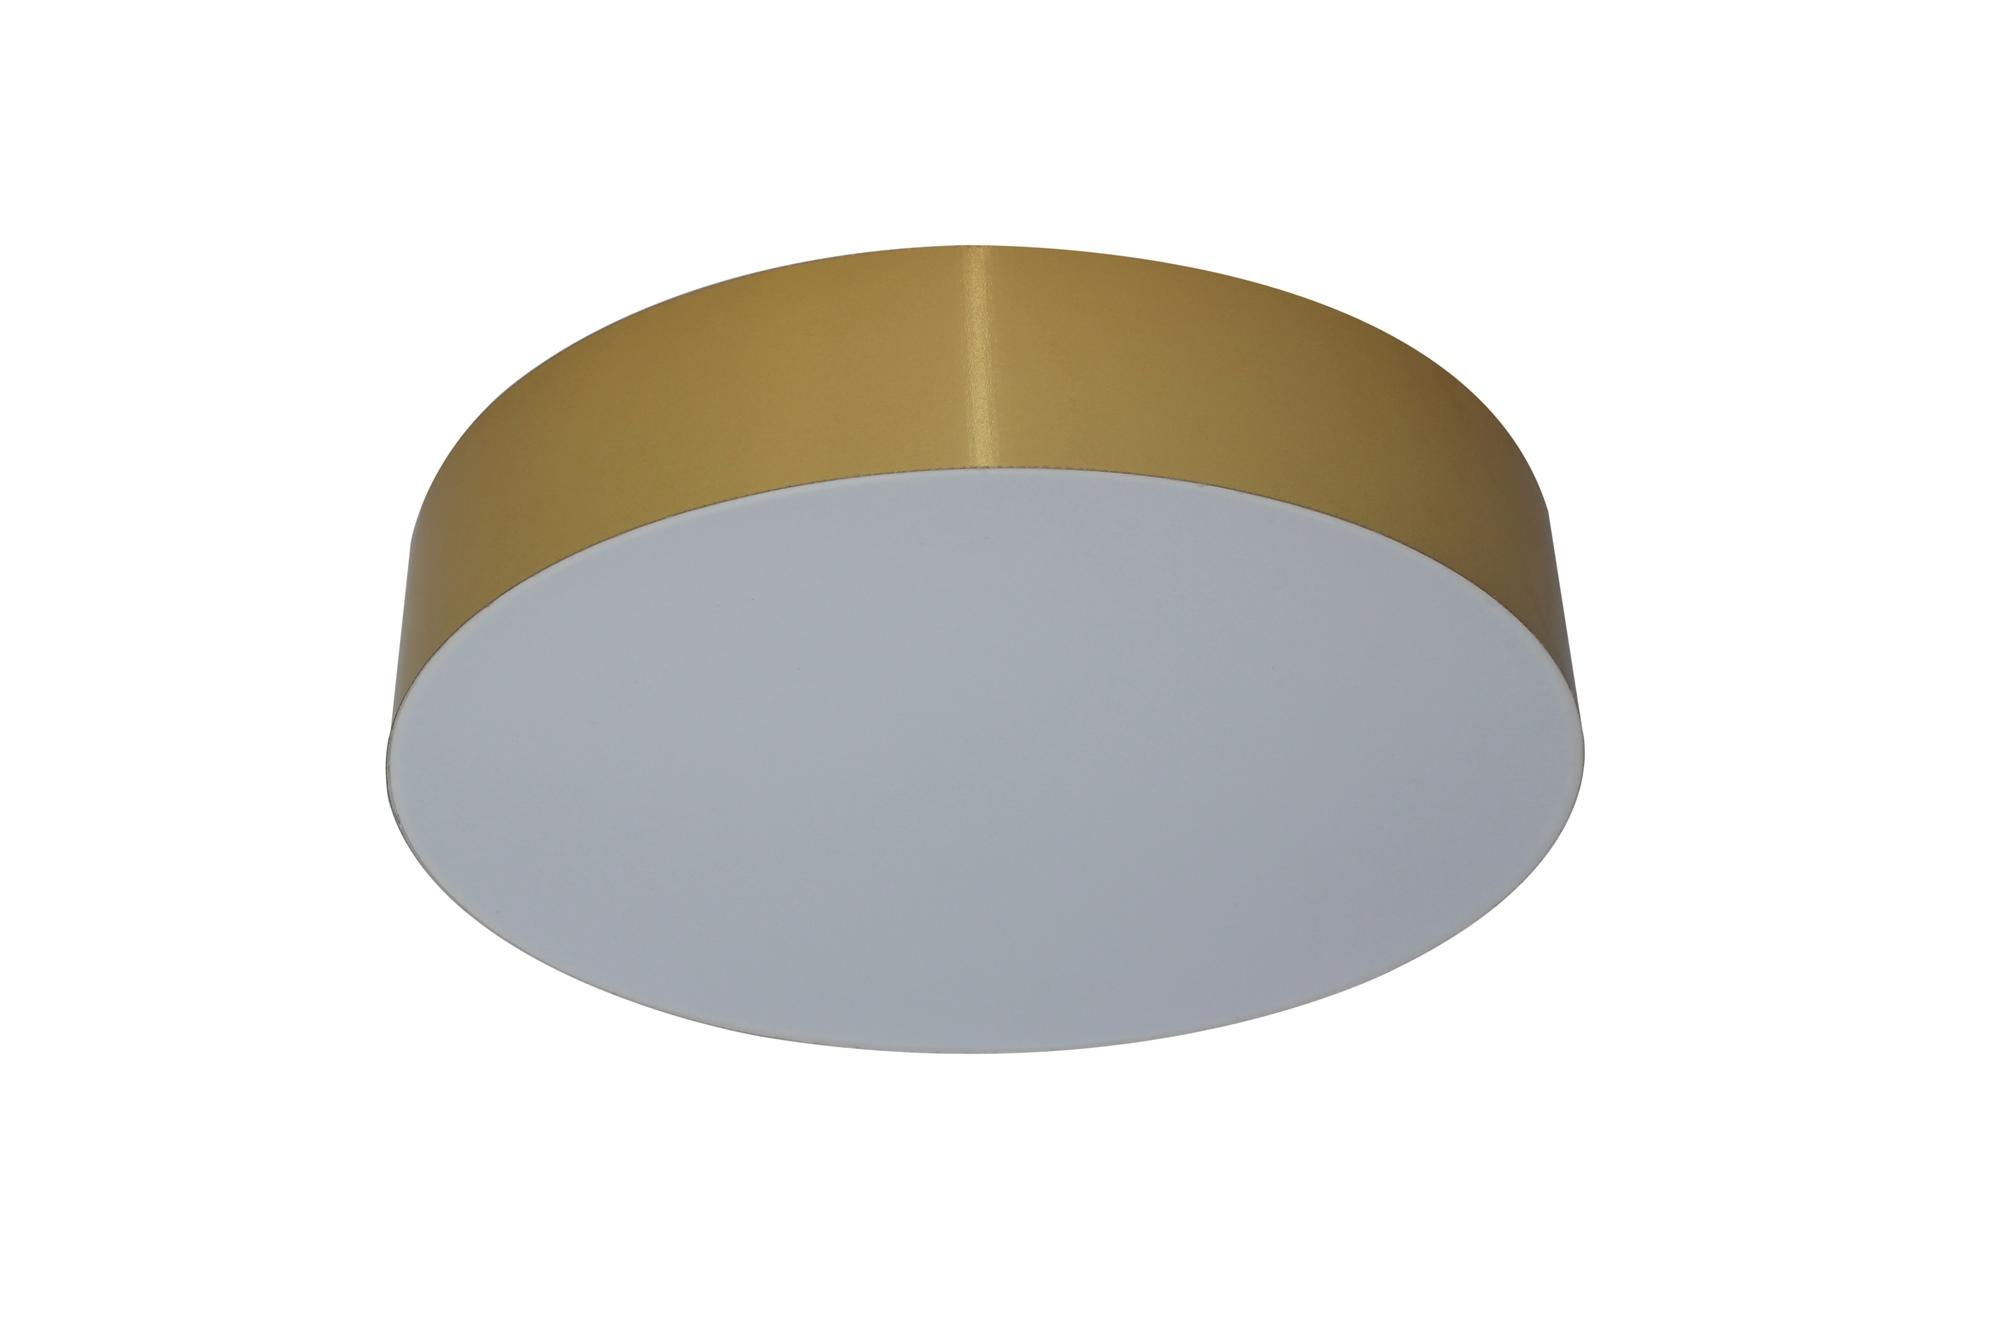 LED Lampenlux Deckenleuchte Goldy extra gold glänzend 24W Ø: 30/40/60 cm WW/TW